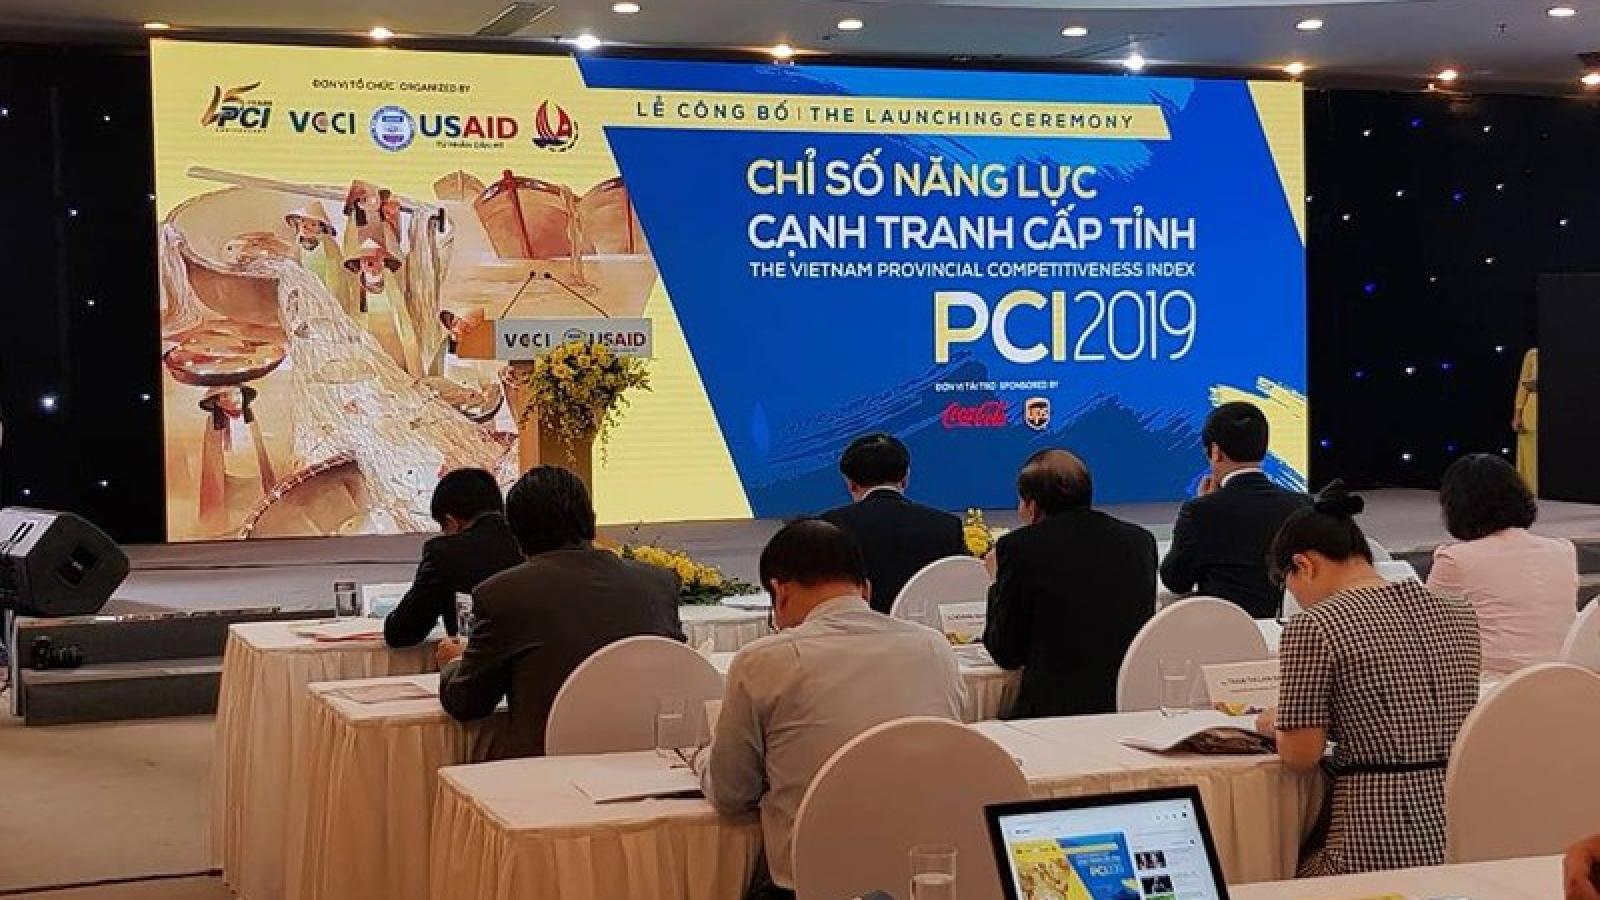 Quảng Ninh dẫn đầu Chỉ số năng lực cạnh tranh cấp tỉnh năm 2019